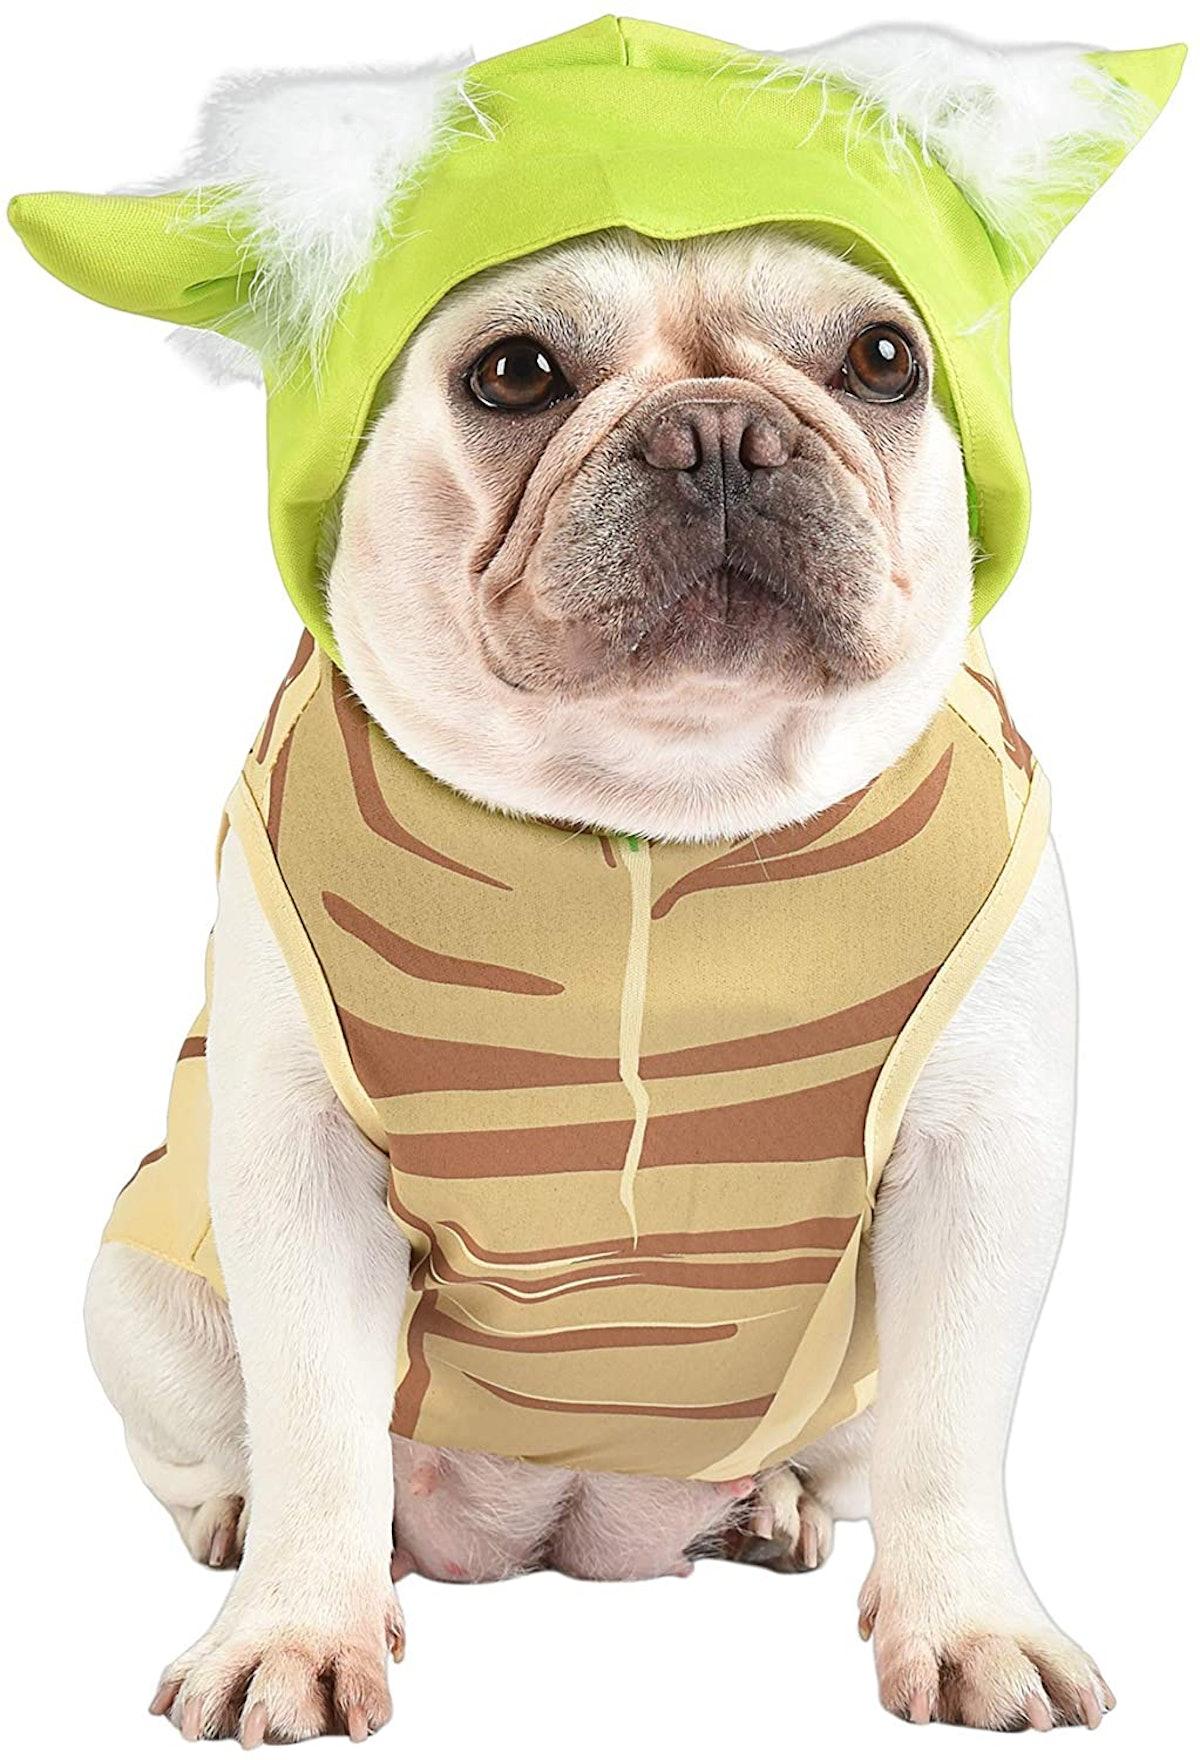 'Star Wars' Yoda Costume for Dogs — Baby Yoda